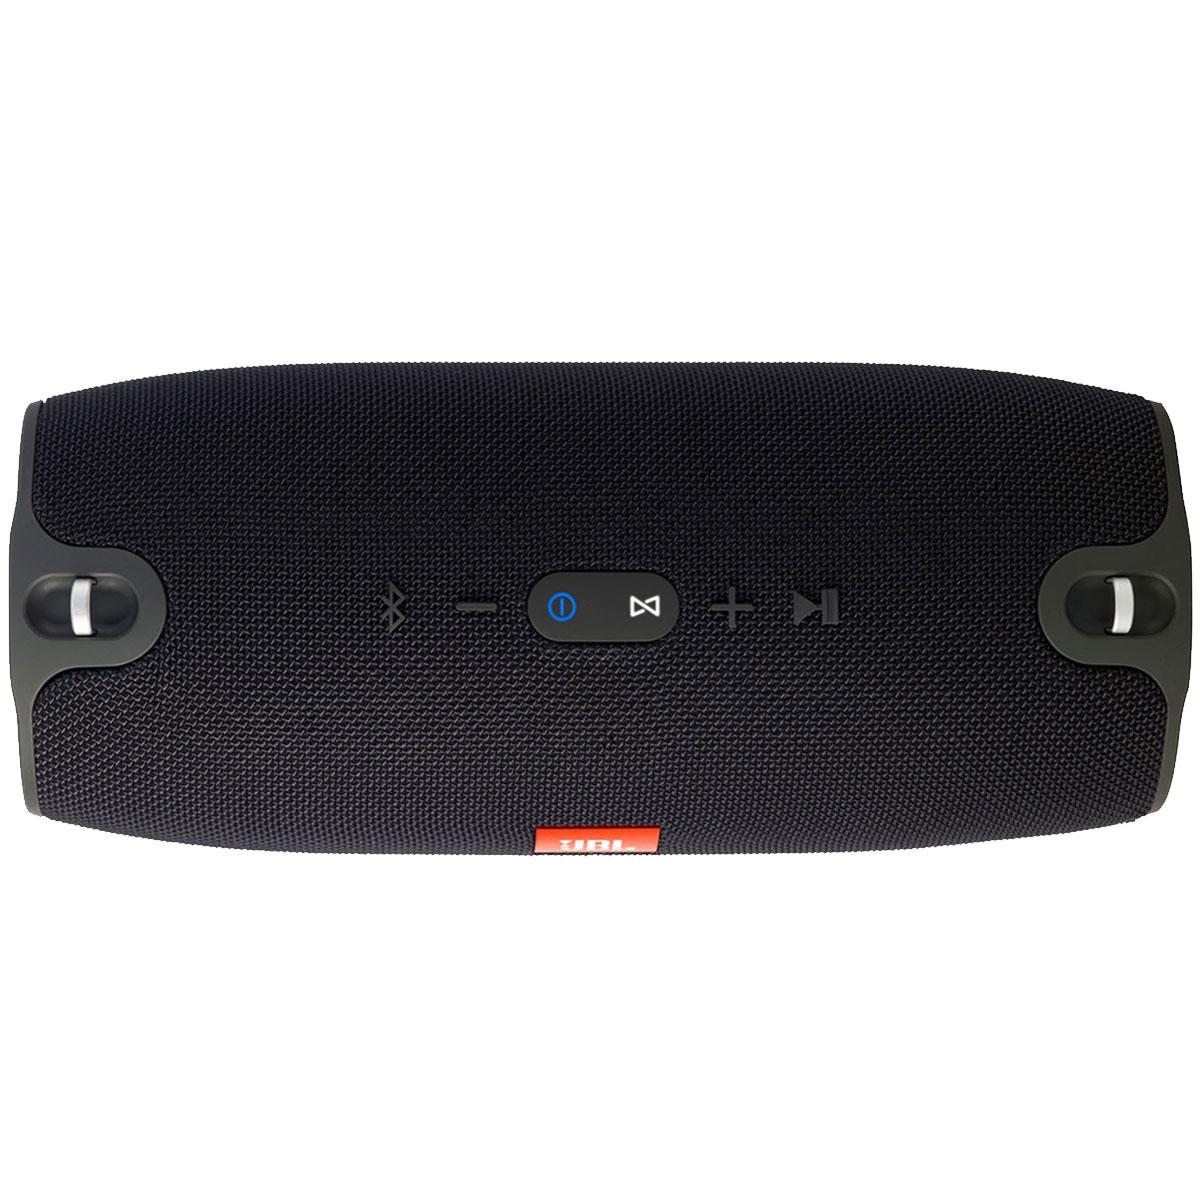 Caixa de Som Portátil c/ Bluetooth JBL Xtreme Preta - JBL